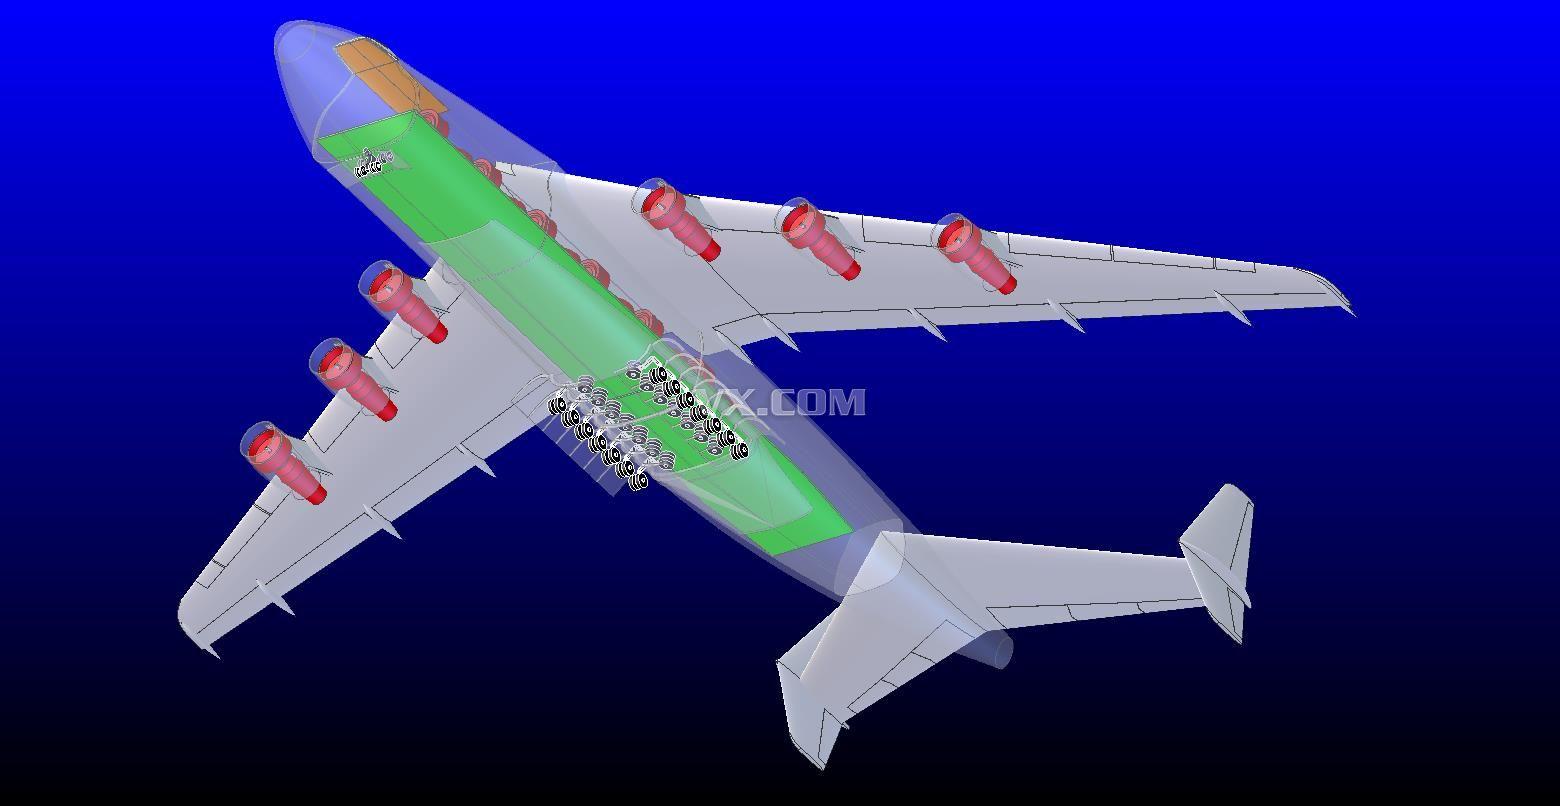 225年战略运输机设计图_stl_航天航空_3d模型_图纸